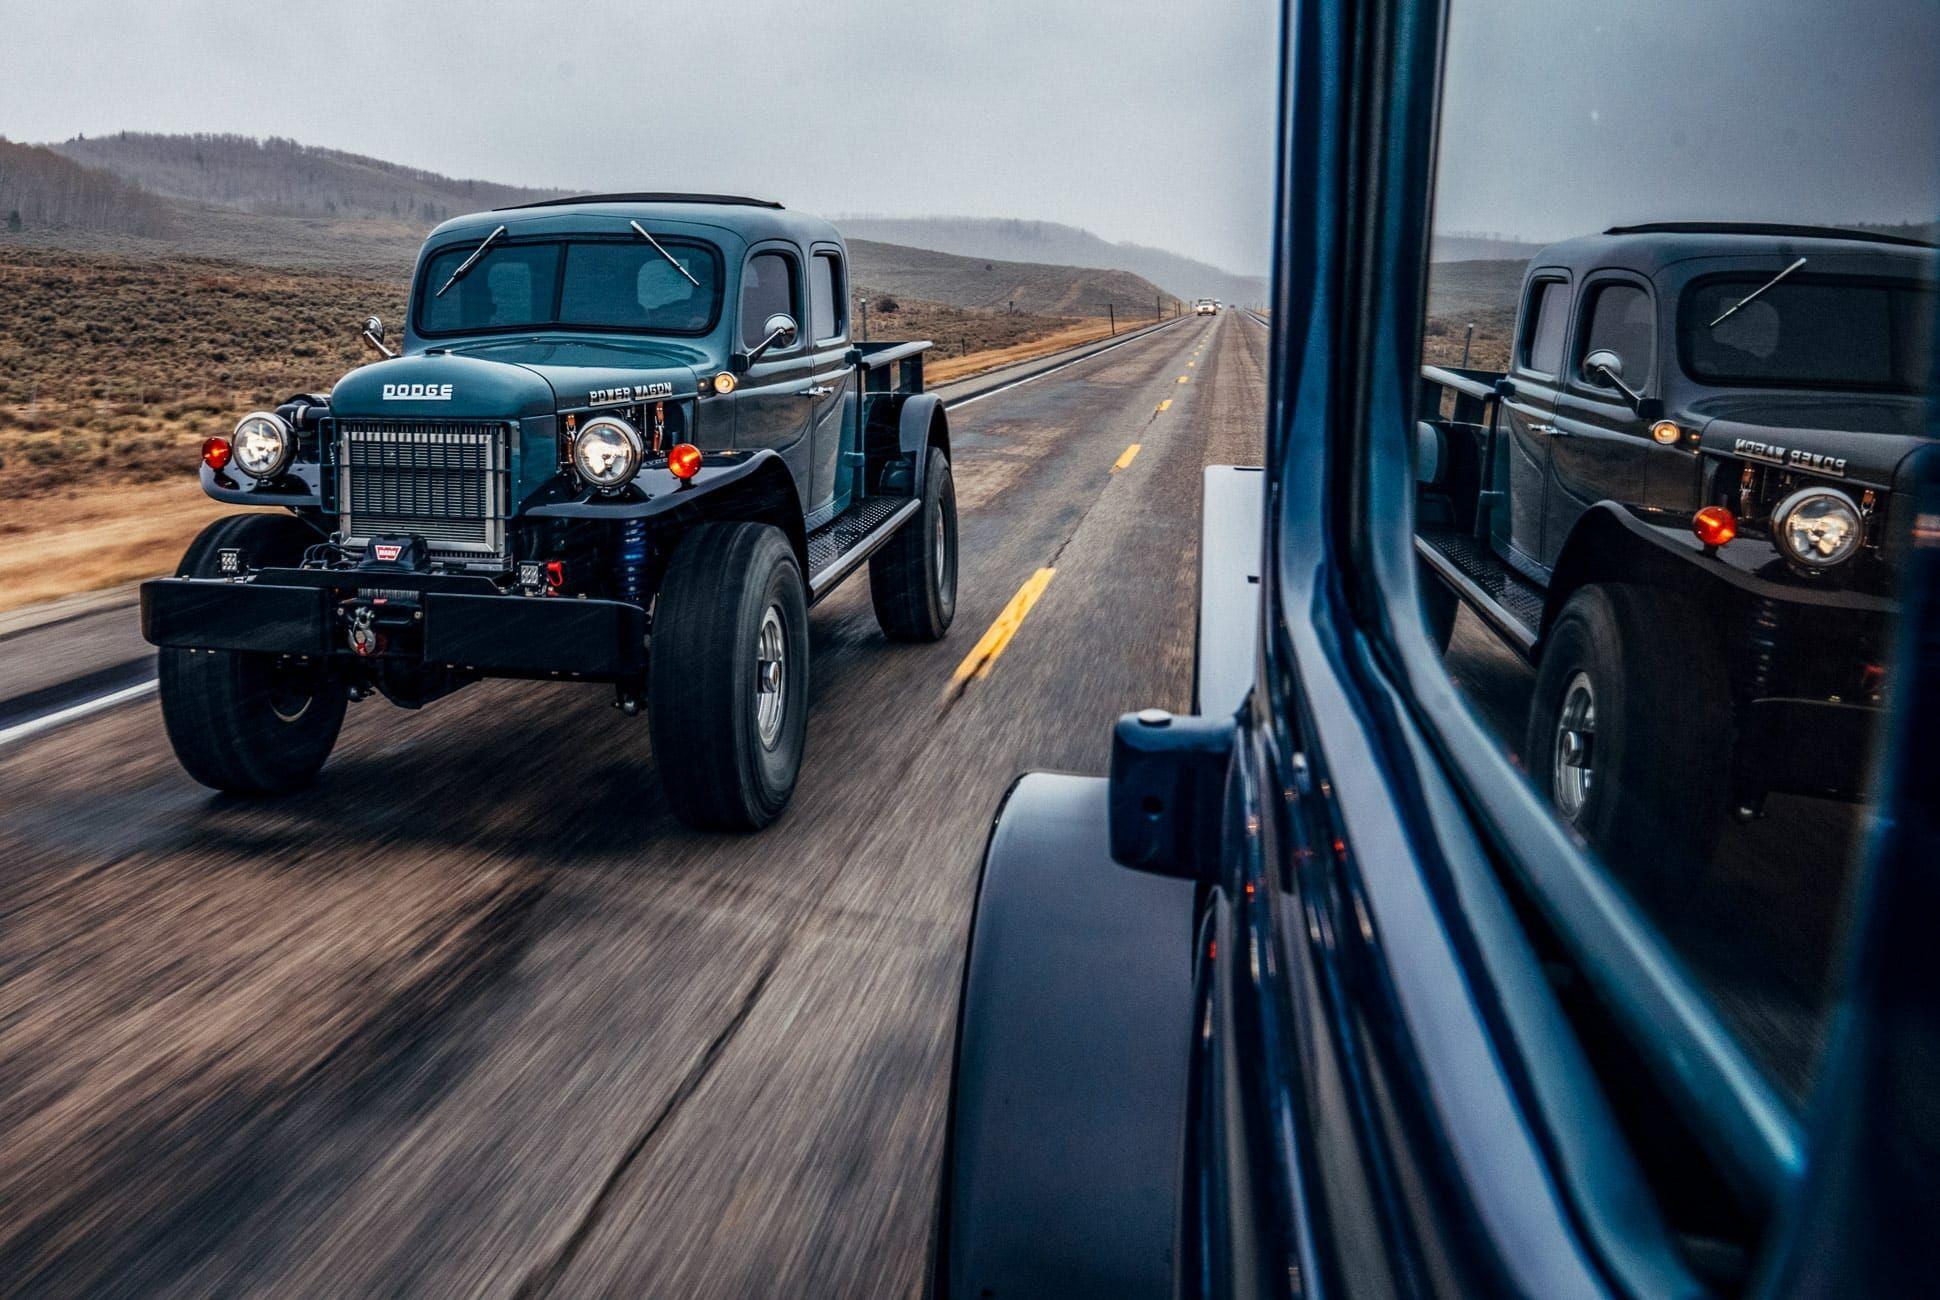 Legacy-Power-Wagons-Gear-Patrol-Slide-11